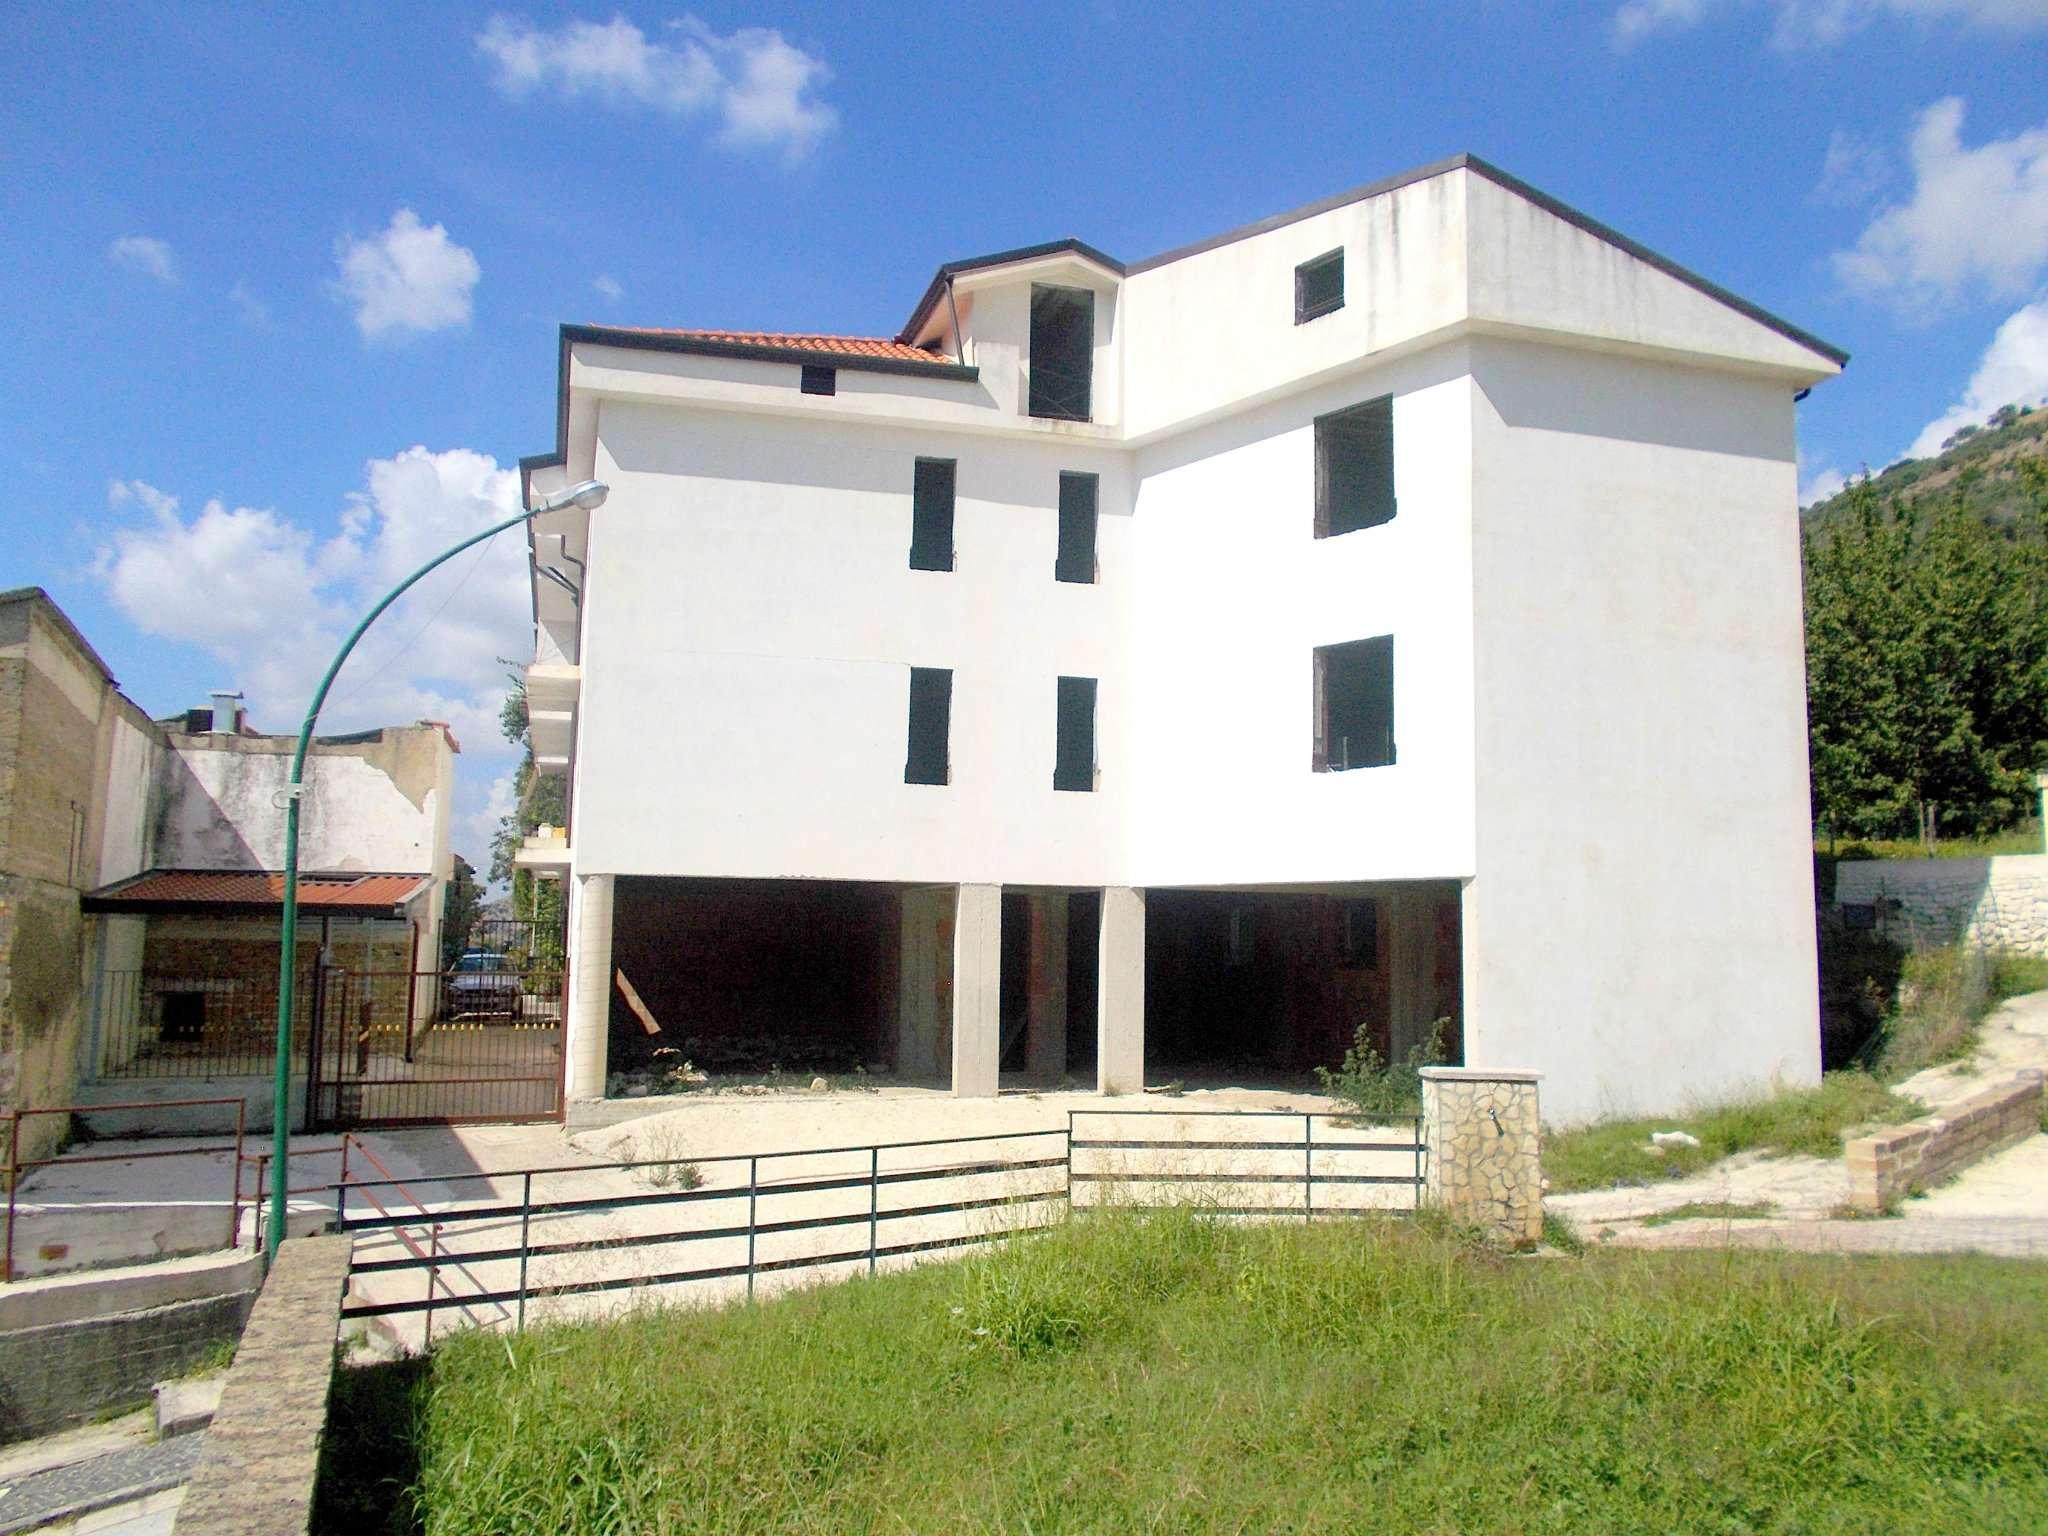 Appartamento in vendita a Arienzo, 9999 locali, prezzo € 65.000 | CambioCasa.it